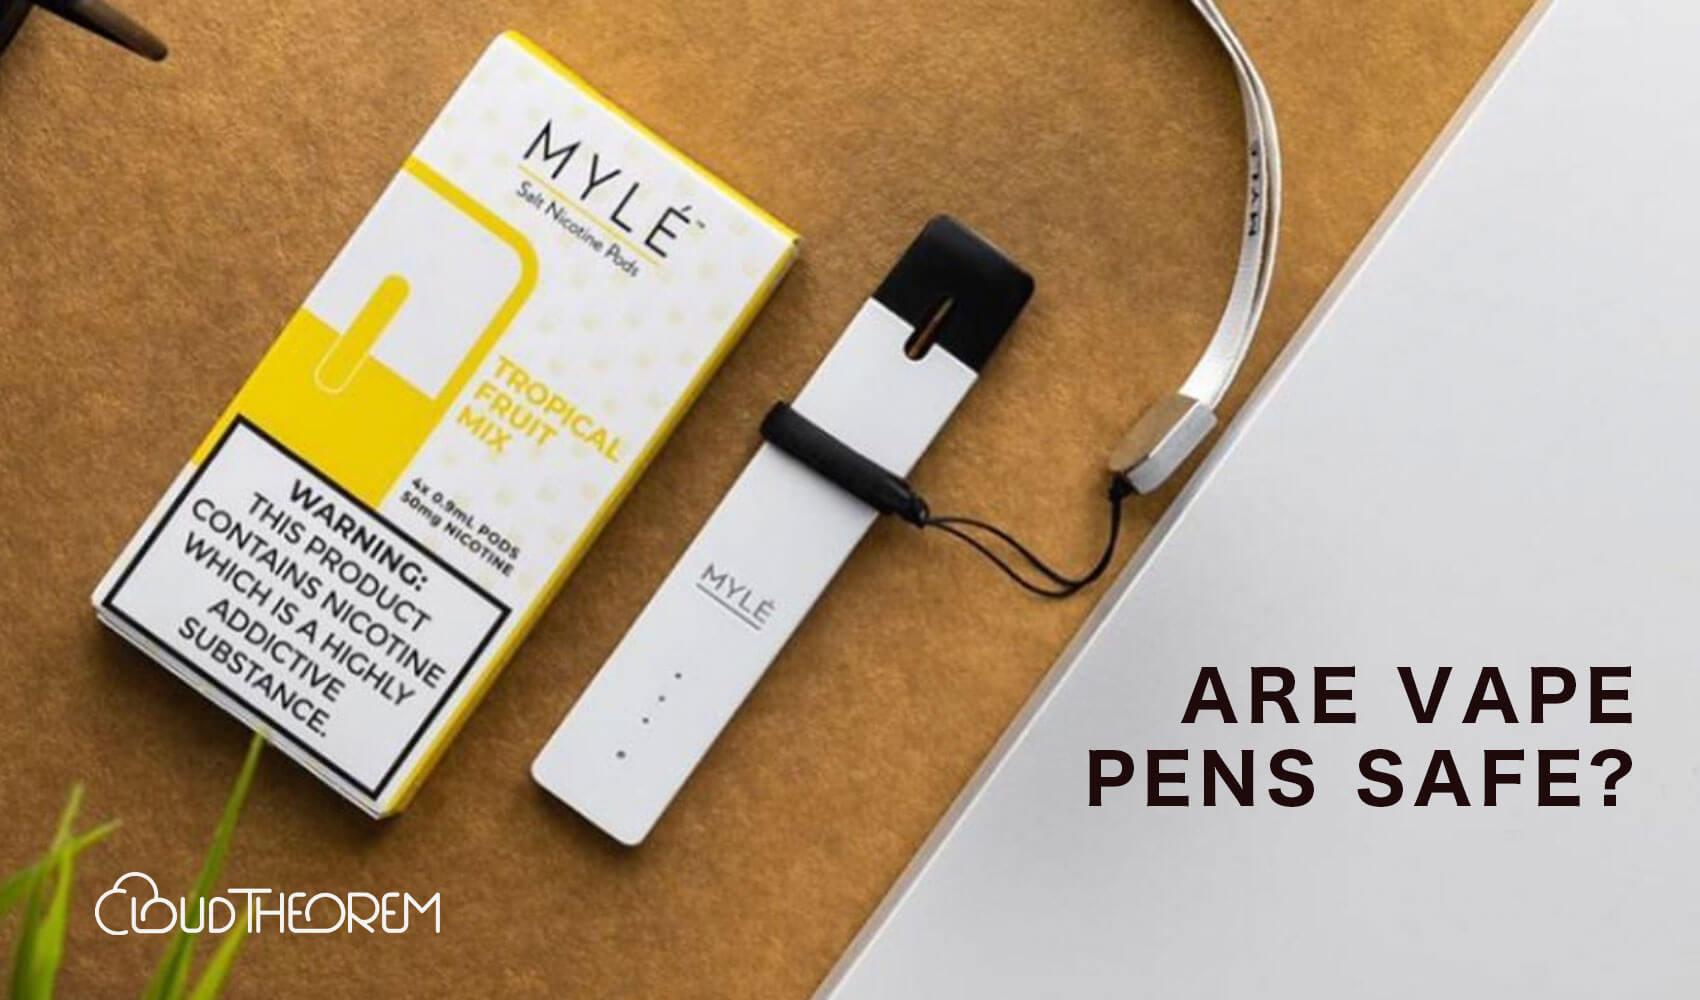 Are vape pens safe | Cloudtheorem